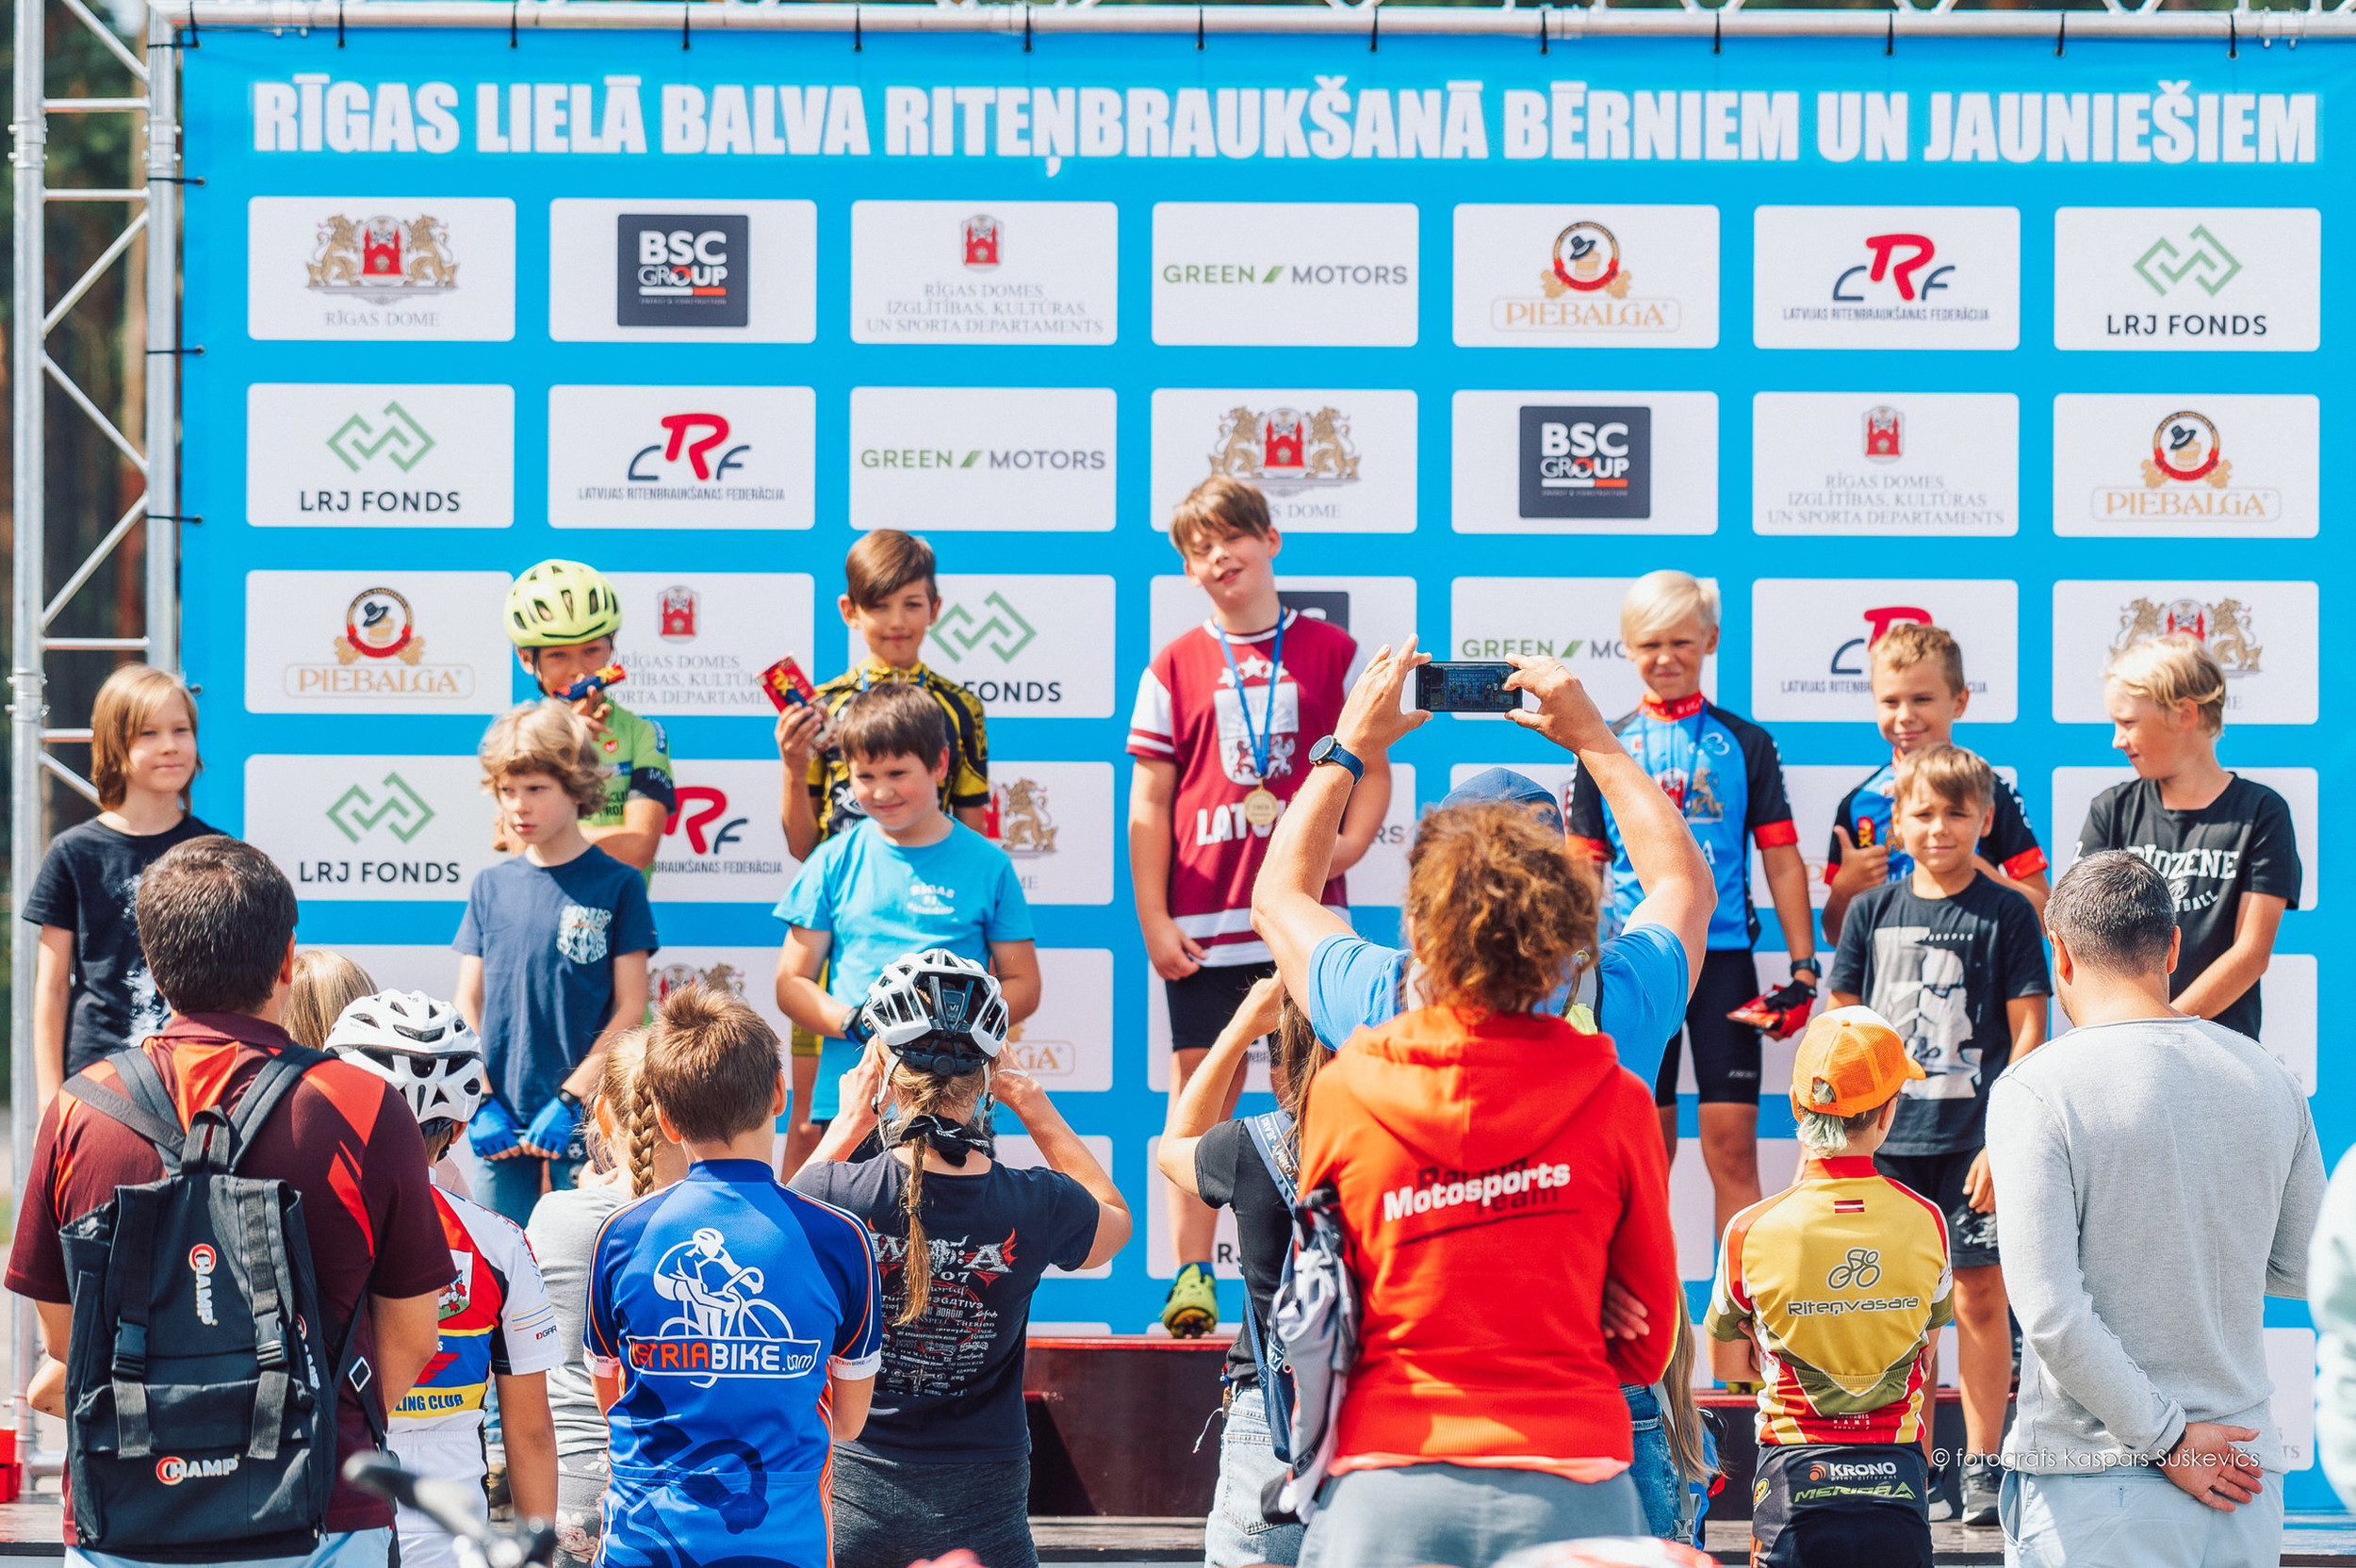 Rīgas lielās balvas riteņbraukšanā bērniem un jauniešiem REZULTĀTI (Precizēts)